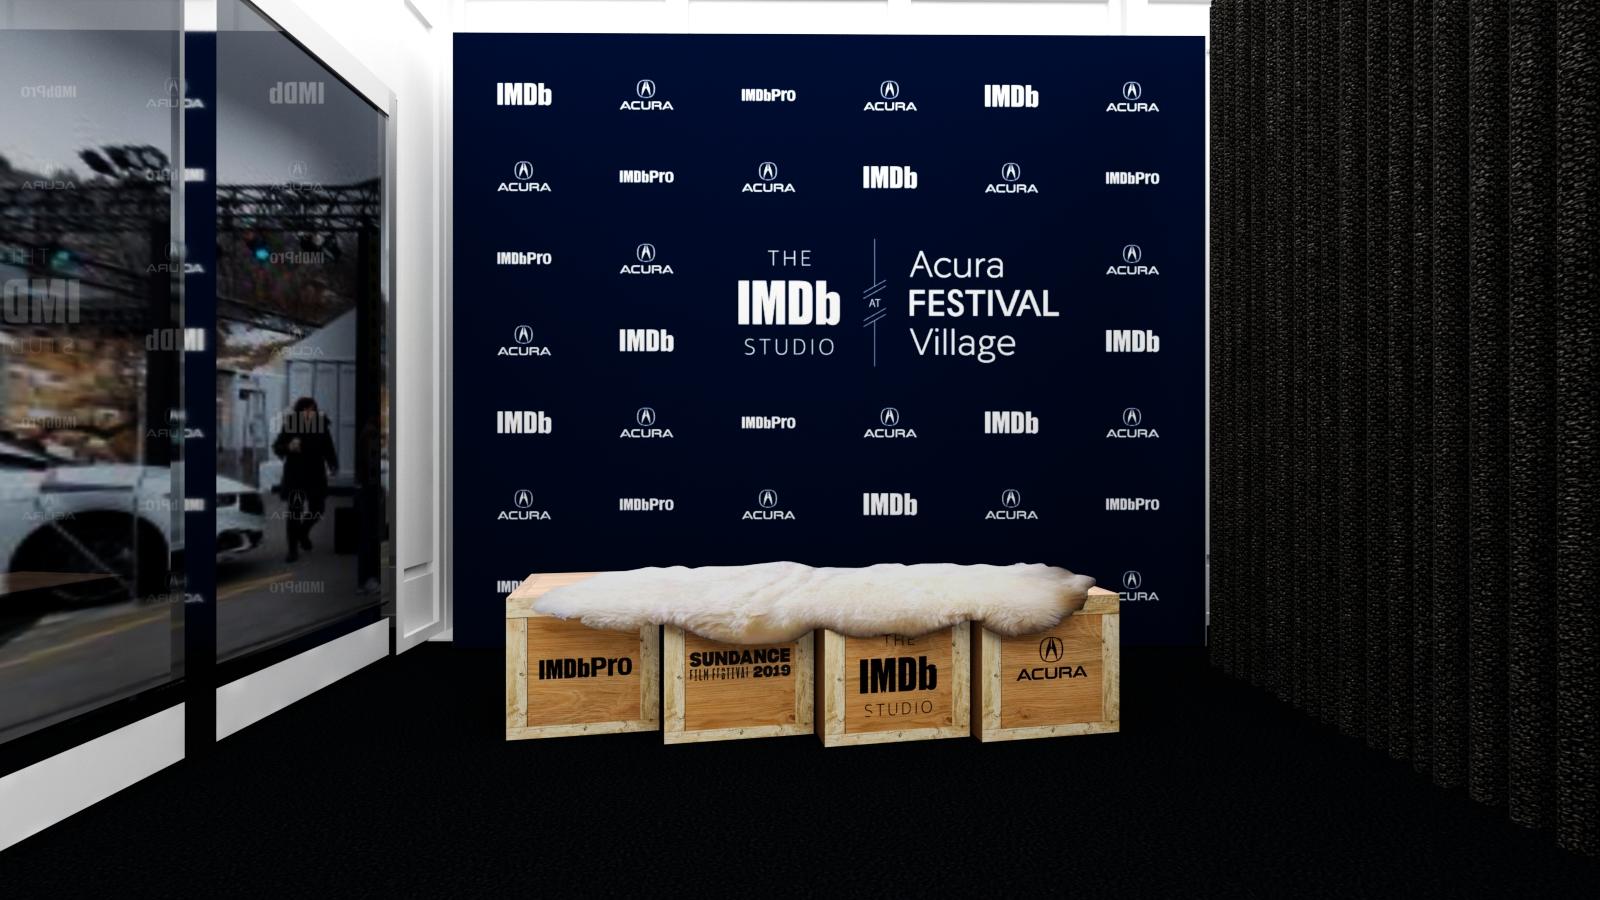 IMDB_Sundance_Studio_StudioPhoto_V06.1.jpg